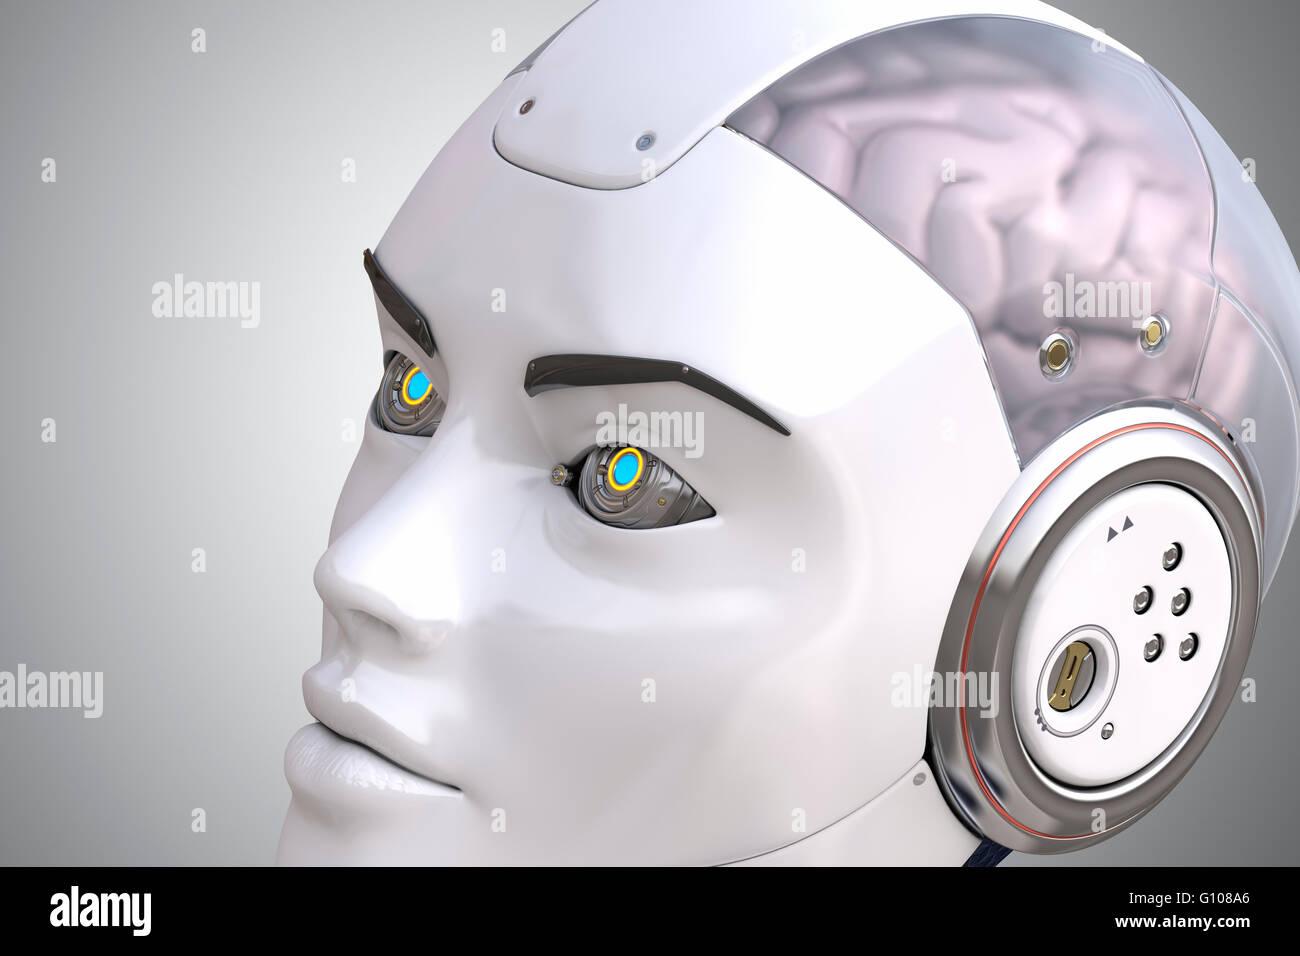 La cabeza del robot cerrar Imagen De Stock